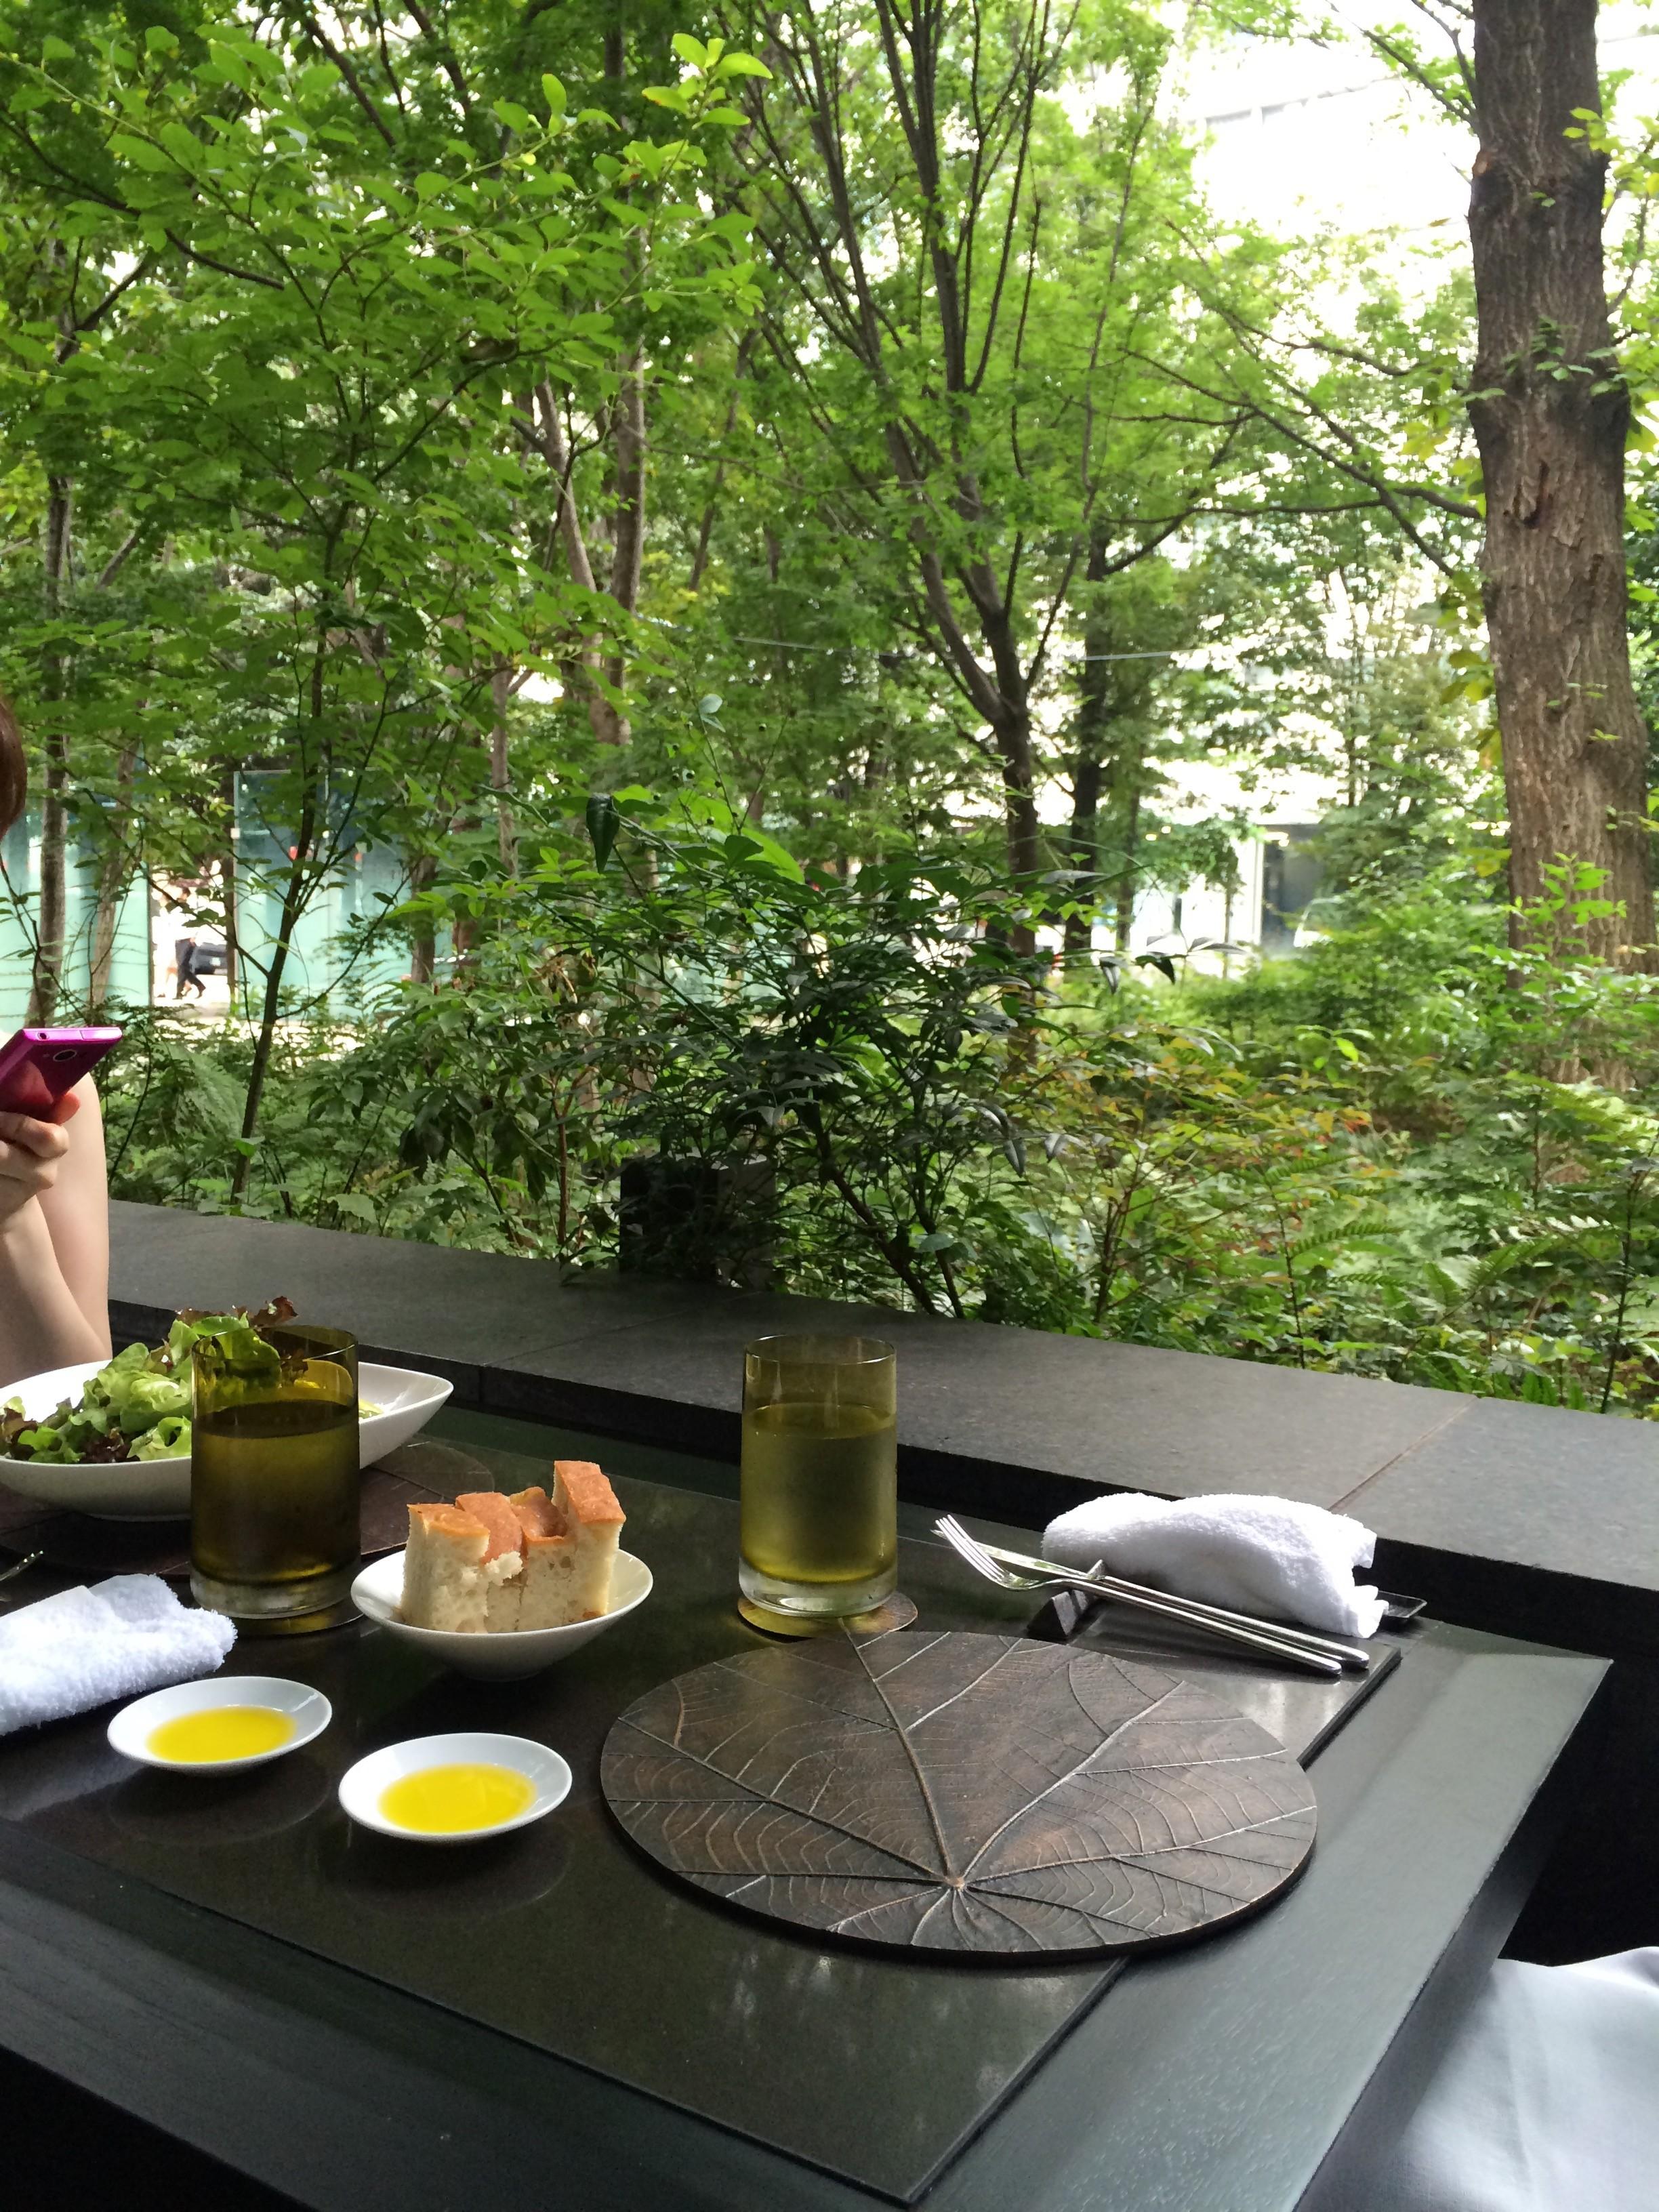 セレブ気分を味わう!東京のオアシス「ザ・カフェbyアマン」に行ってきた!